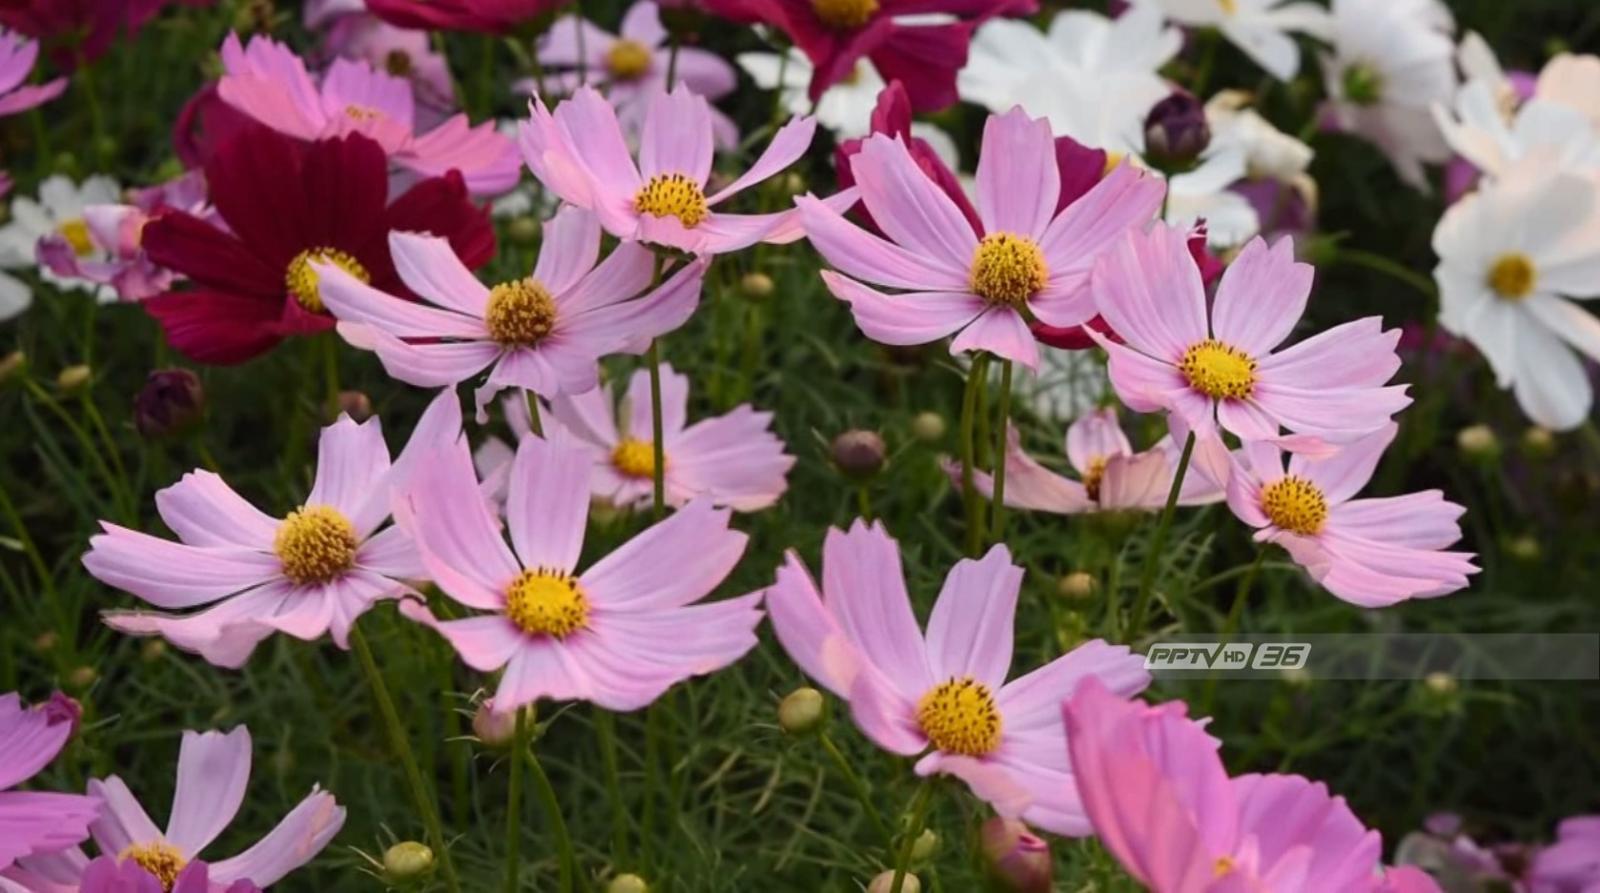 นักท่องเที่ยวแห่ชมเขาวงกตทุ่งปอเทือง-ดอกคอสมอส จ.กาญจนบุรี